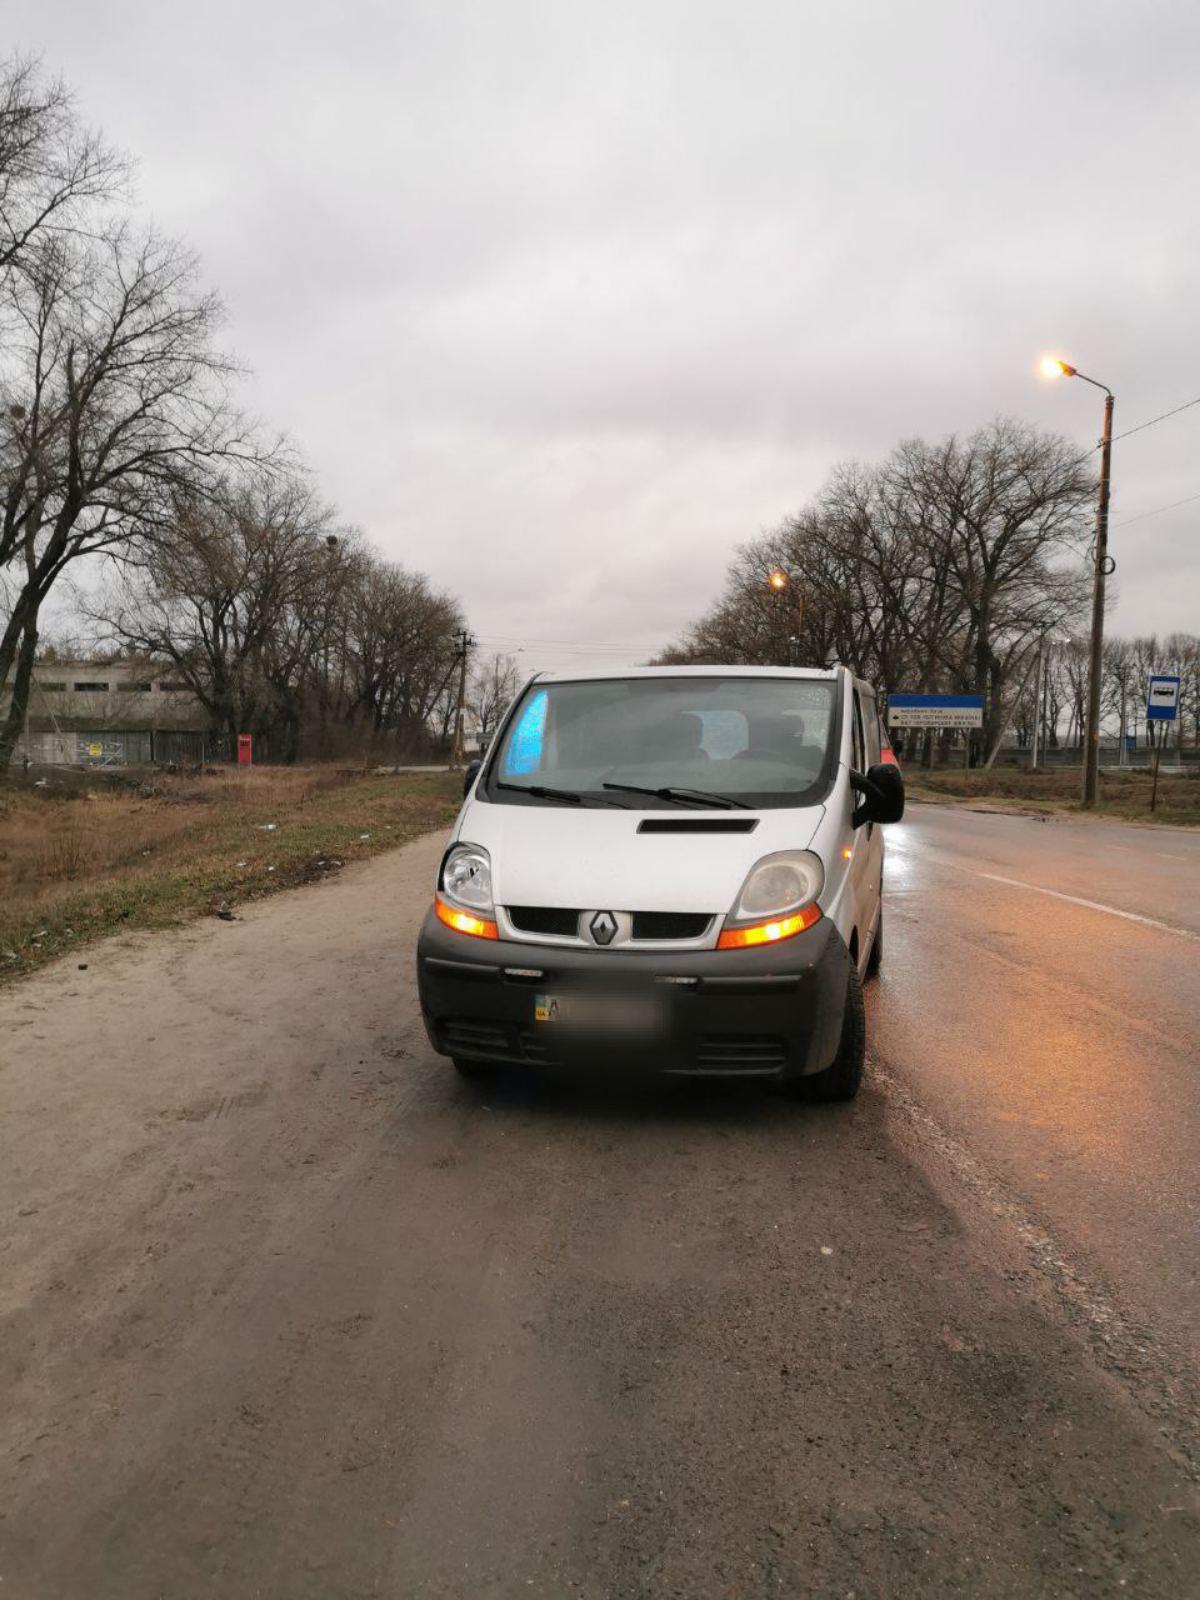 У Броварах сталася ДТП: постраждалий переходив дорогу у невстановленому місці -  - yzobrazhenye viber 2020 03 11 18 15 14